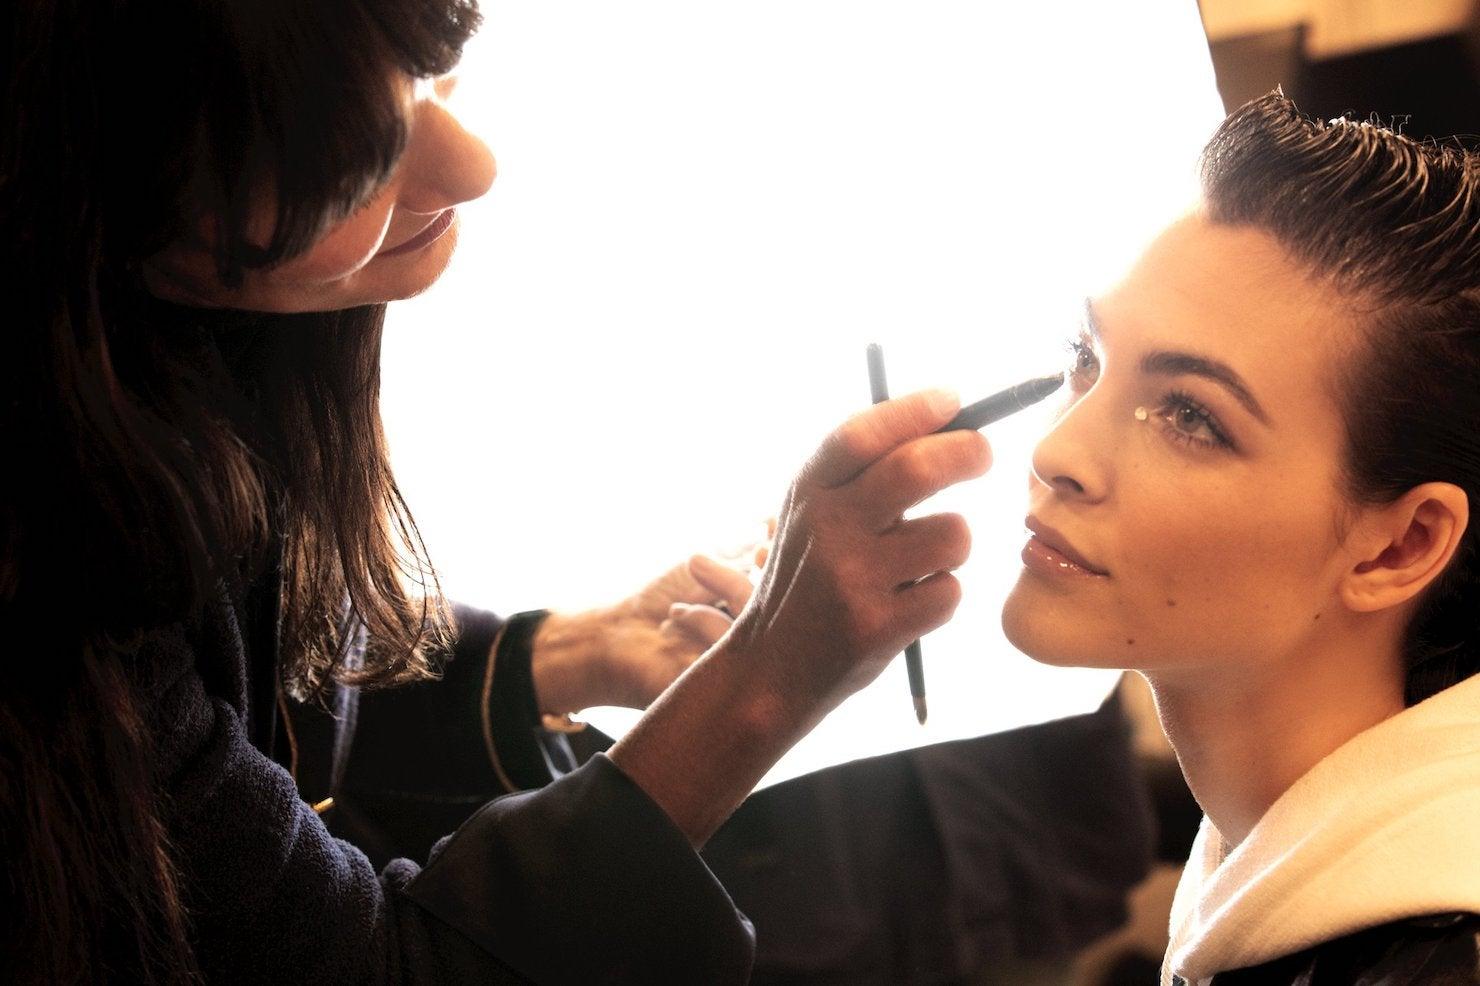 Lucia Pica a Vittoria Cerriti v zákulisí módní přehlídky Chanel Metiers d'Art 2020          Autor: Benoît Peverelli